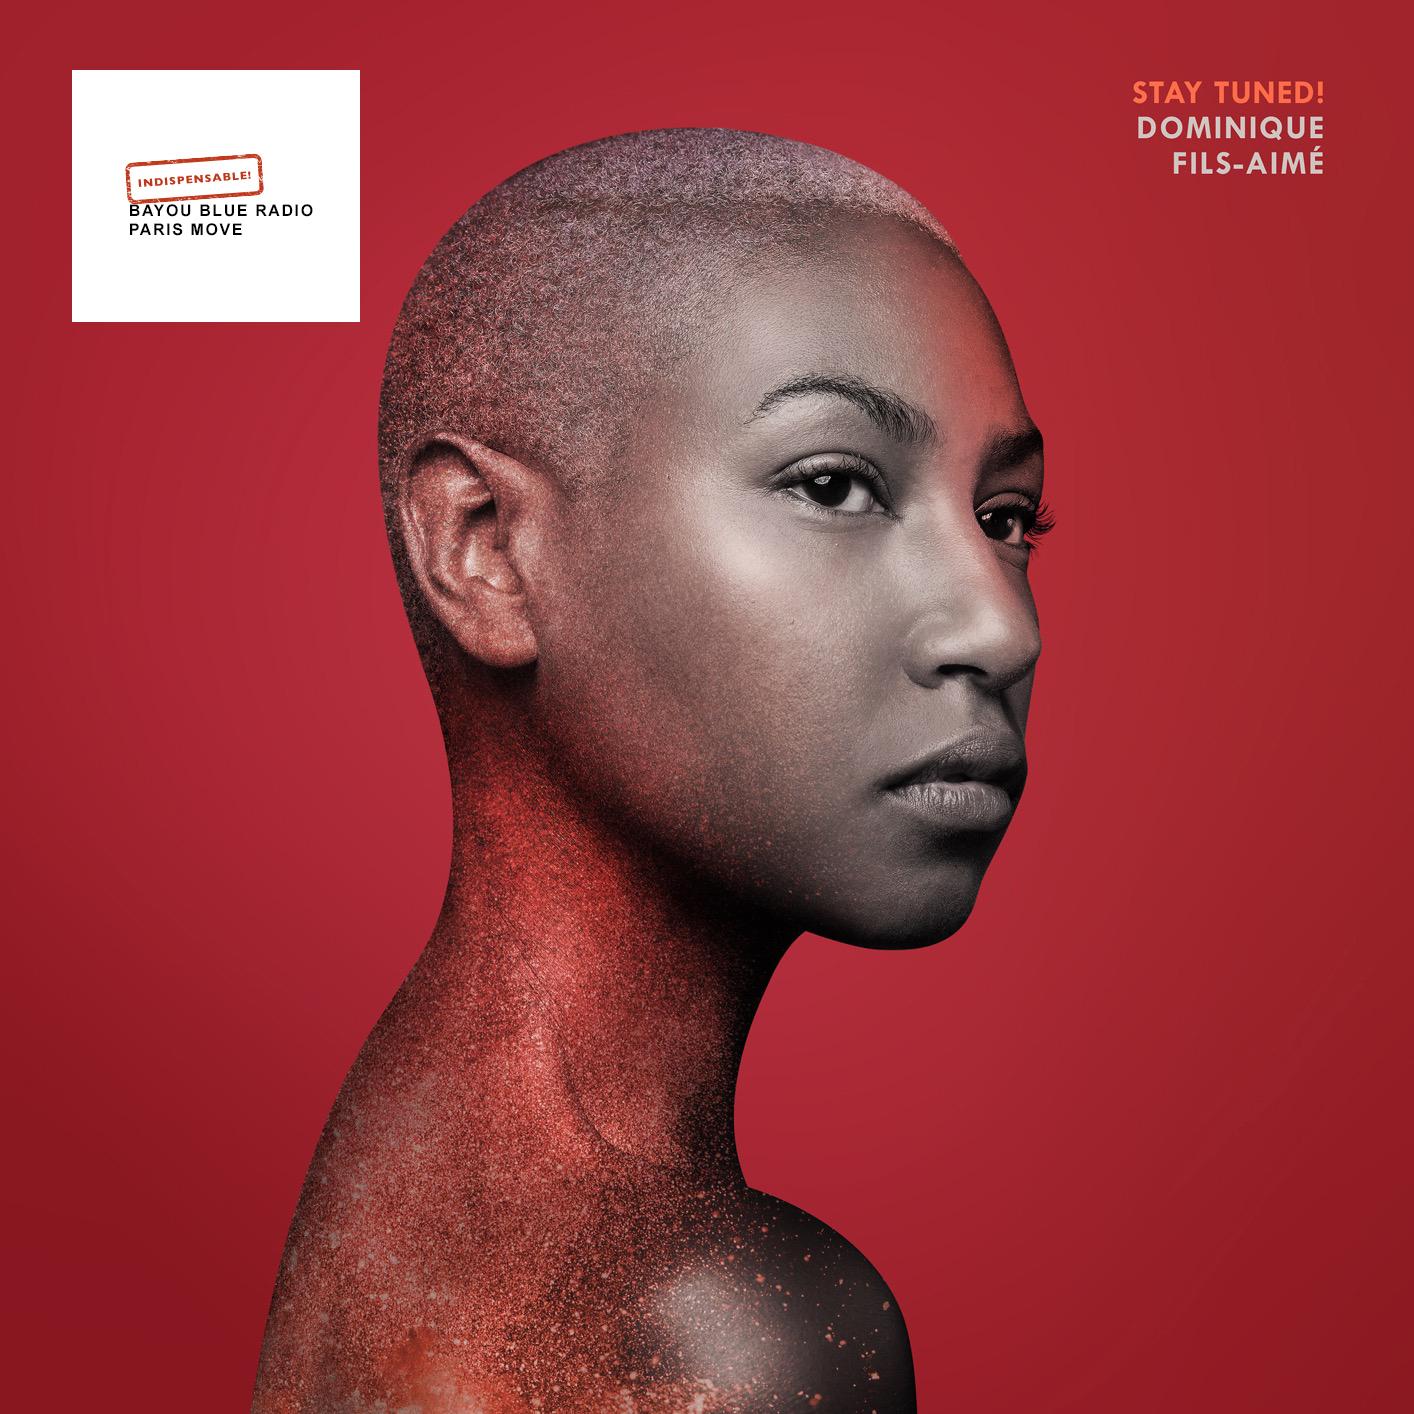 Dominique Fils-Aimé – Stay Tuned